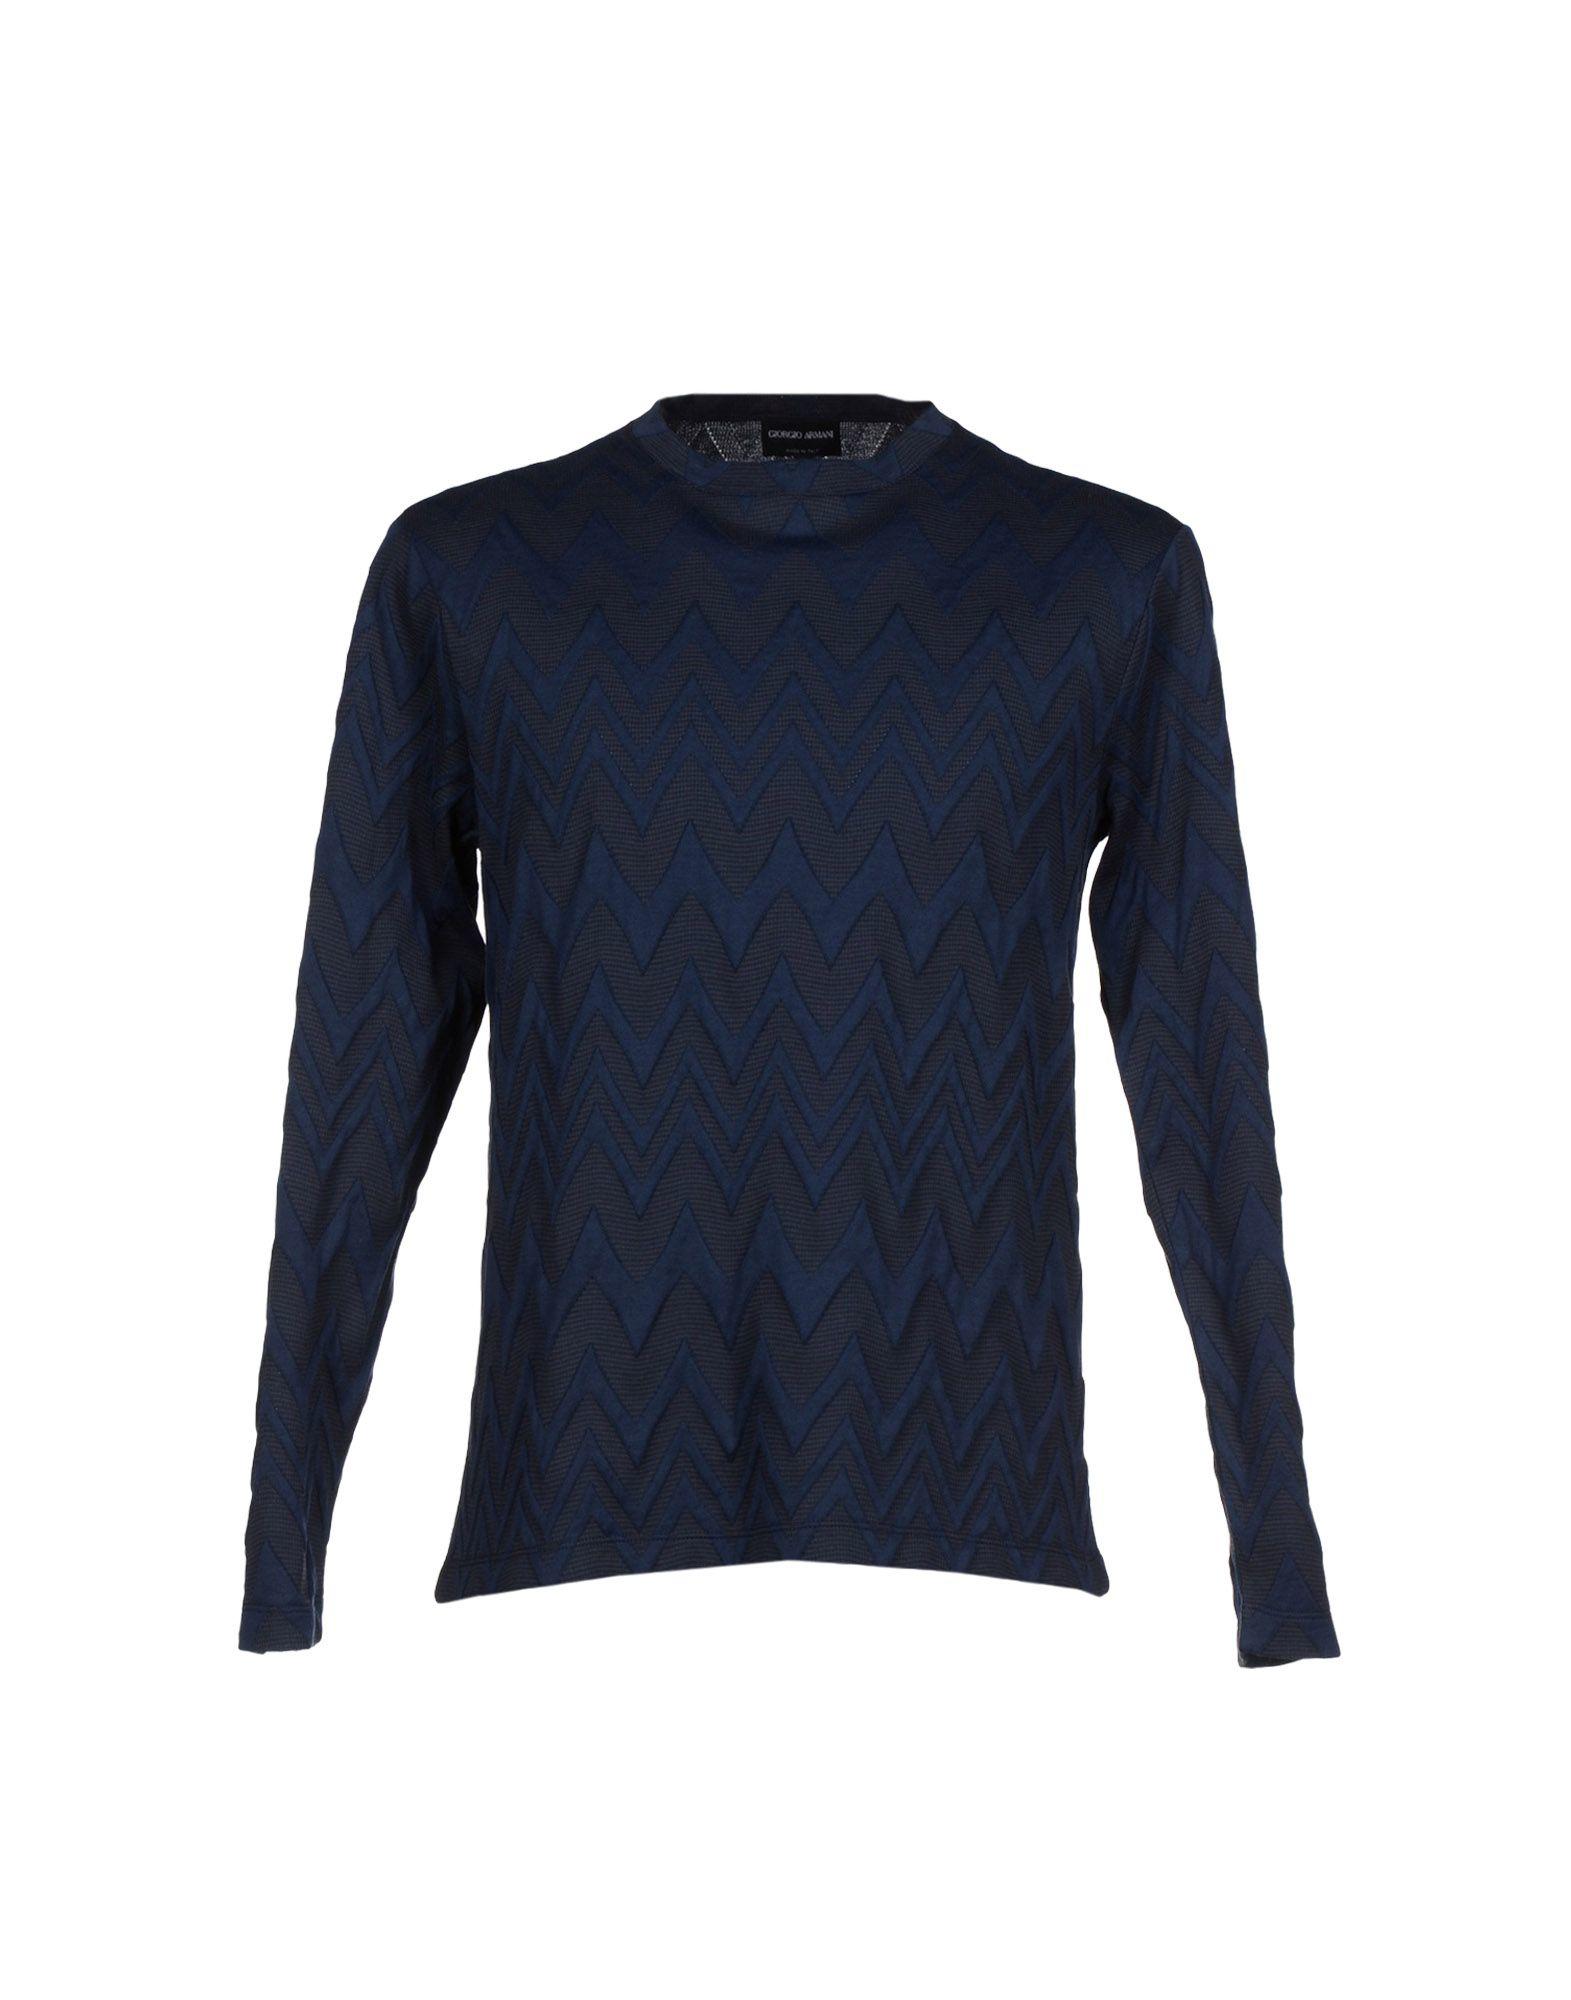 lyst giorgio armani tshirt in blue for men